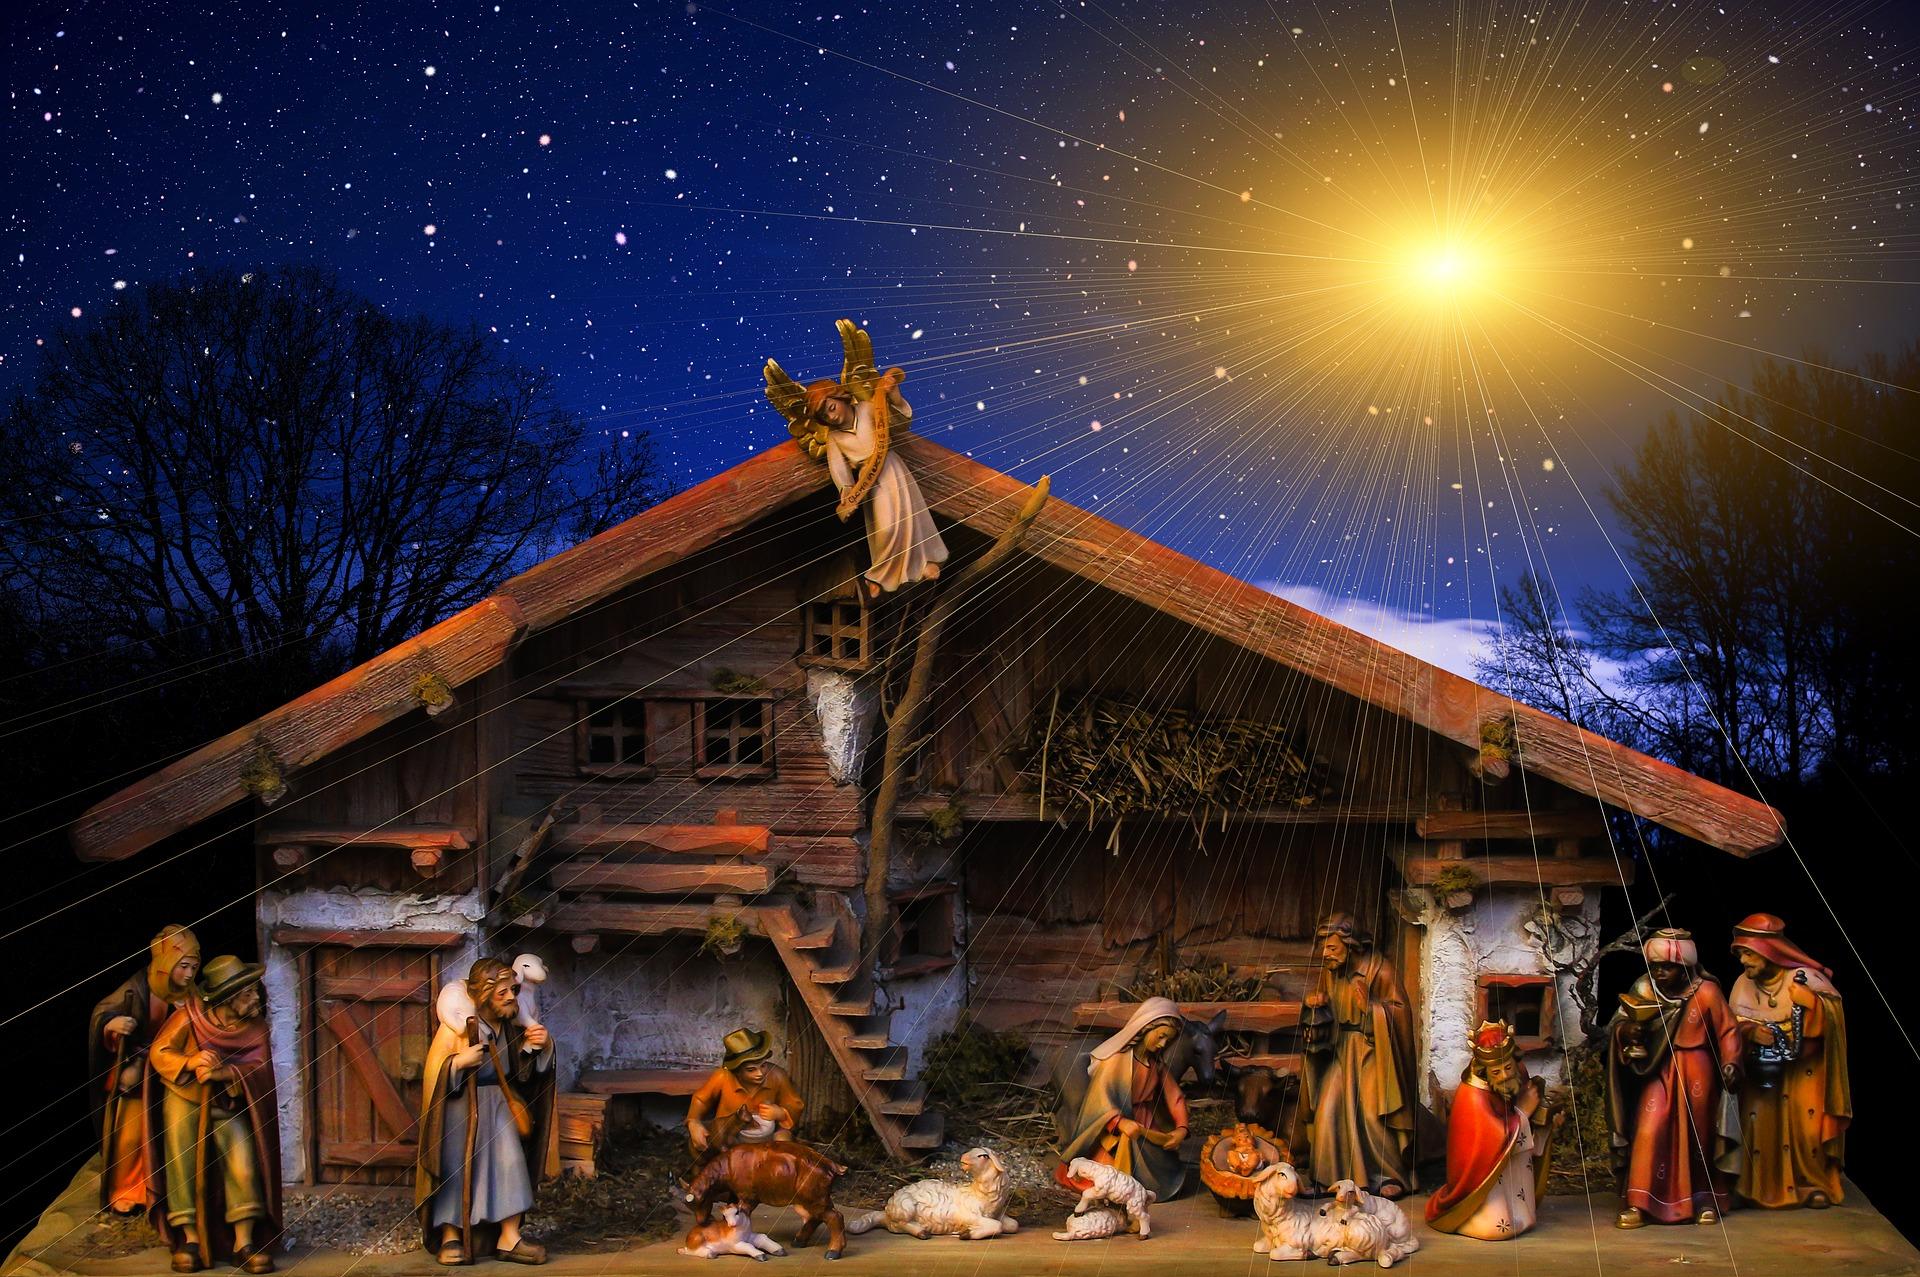 Bezoek aan de Internationale kerststallententoonstelling in Berchem